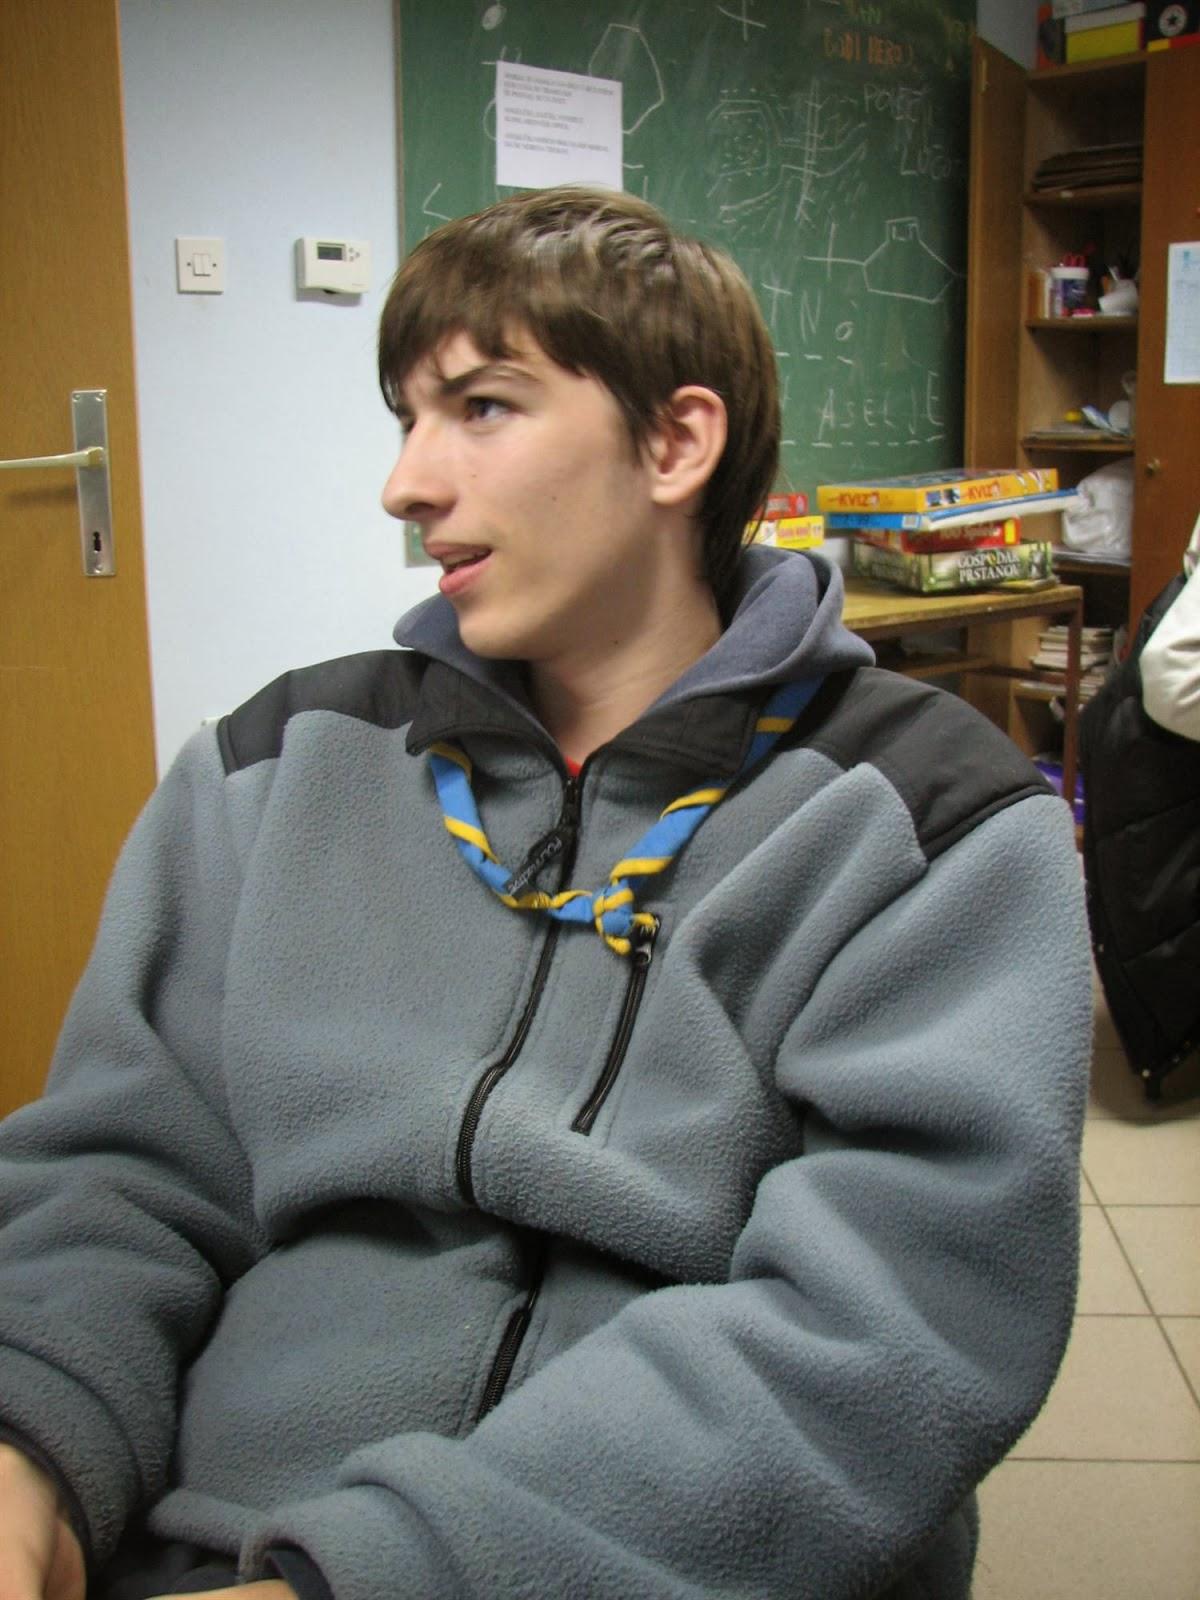 Večer družabnih iger, Ilirska Bistrica 2006 - vecer%2Bdruzabnih%2Biger%2B06%2B039.jpg